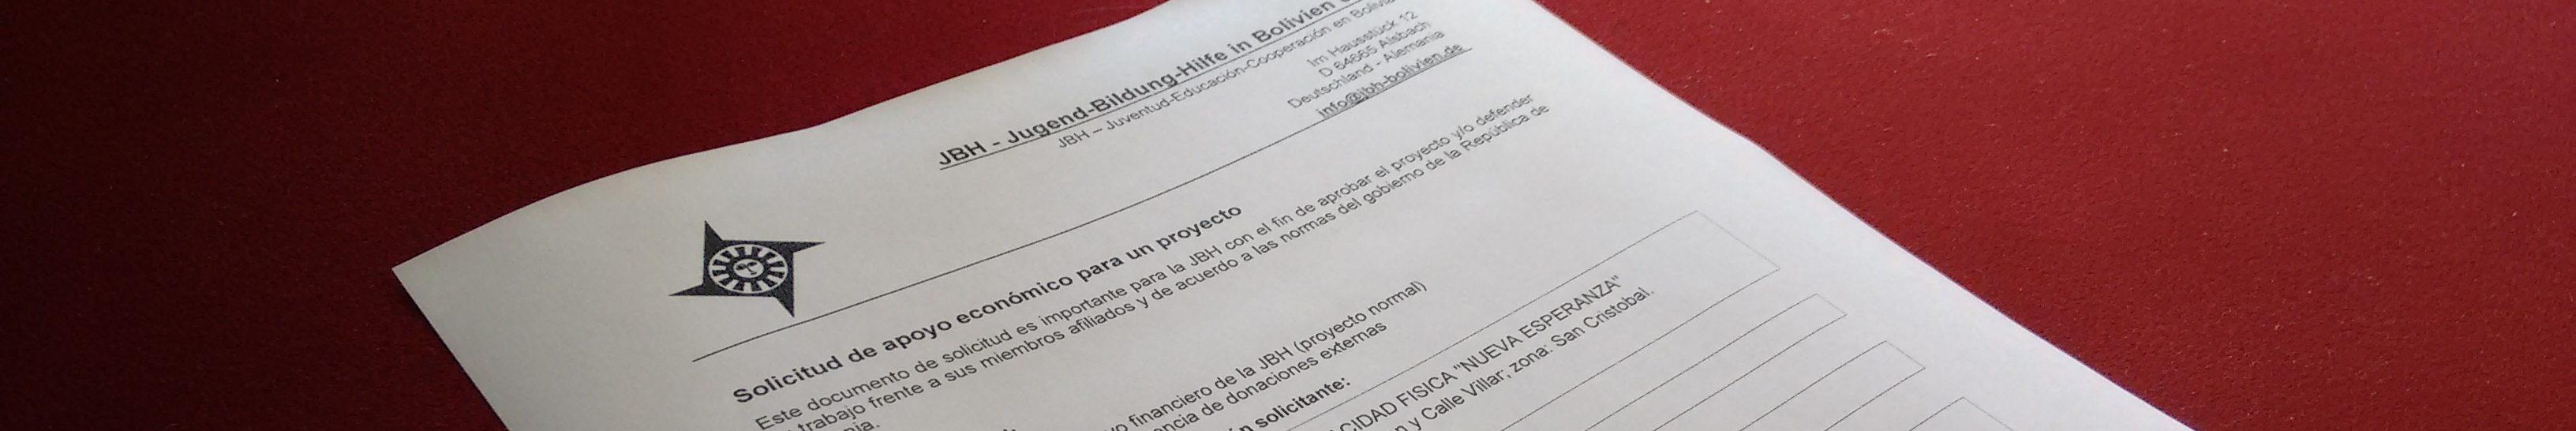 JBH Bolivien e.V.